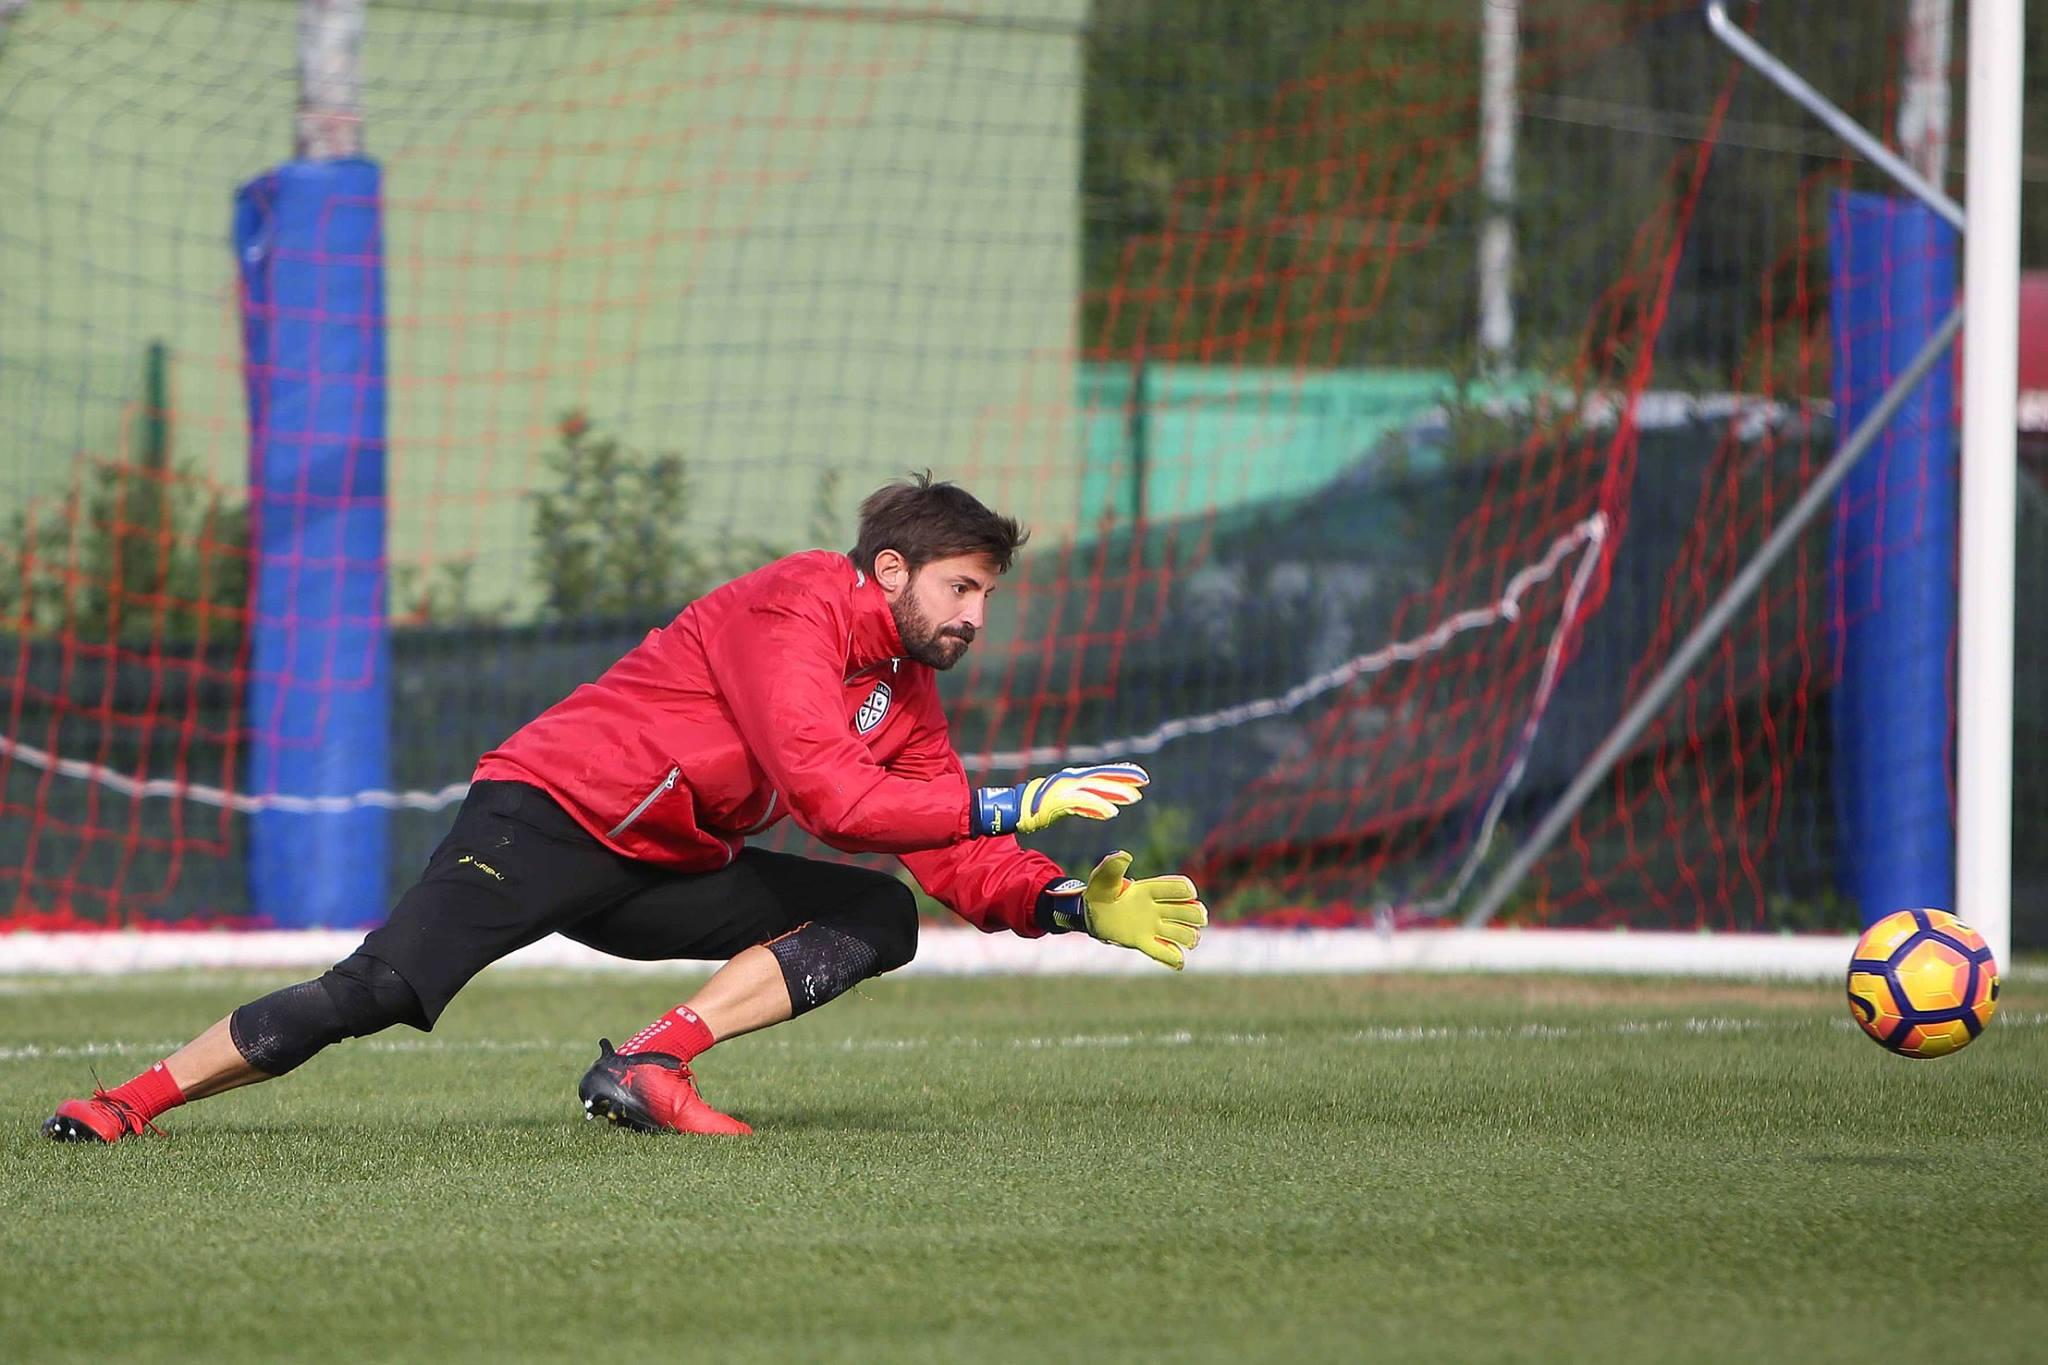 Marco Storari in azione durante un allenamento. Fonte foto: Cagliari Calcio